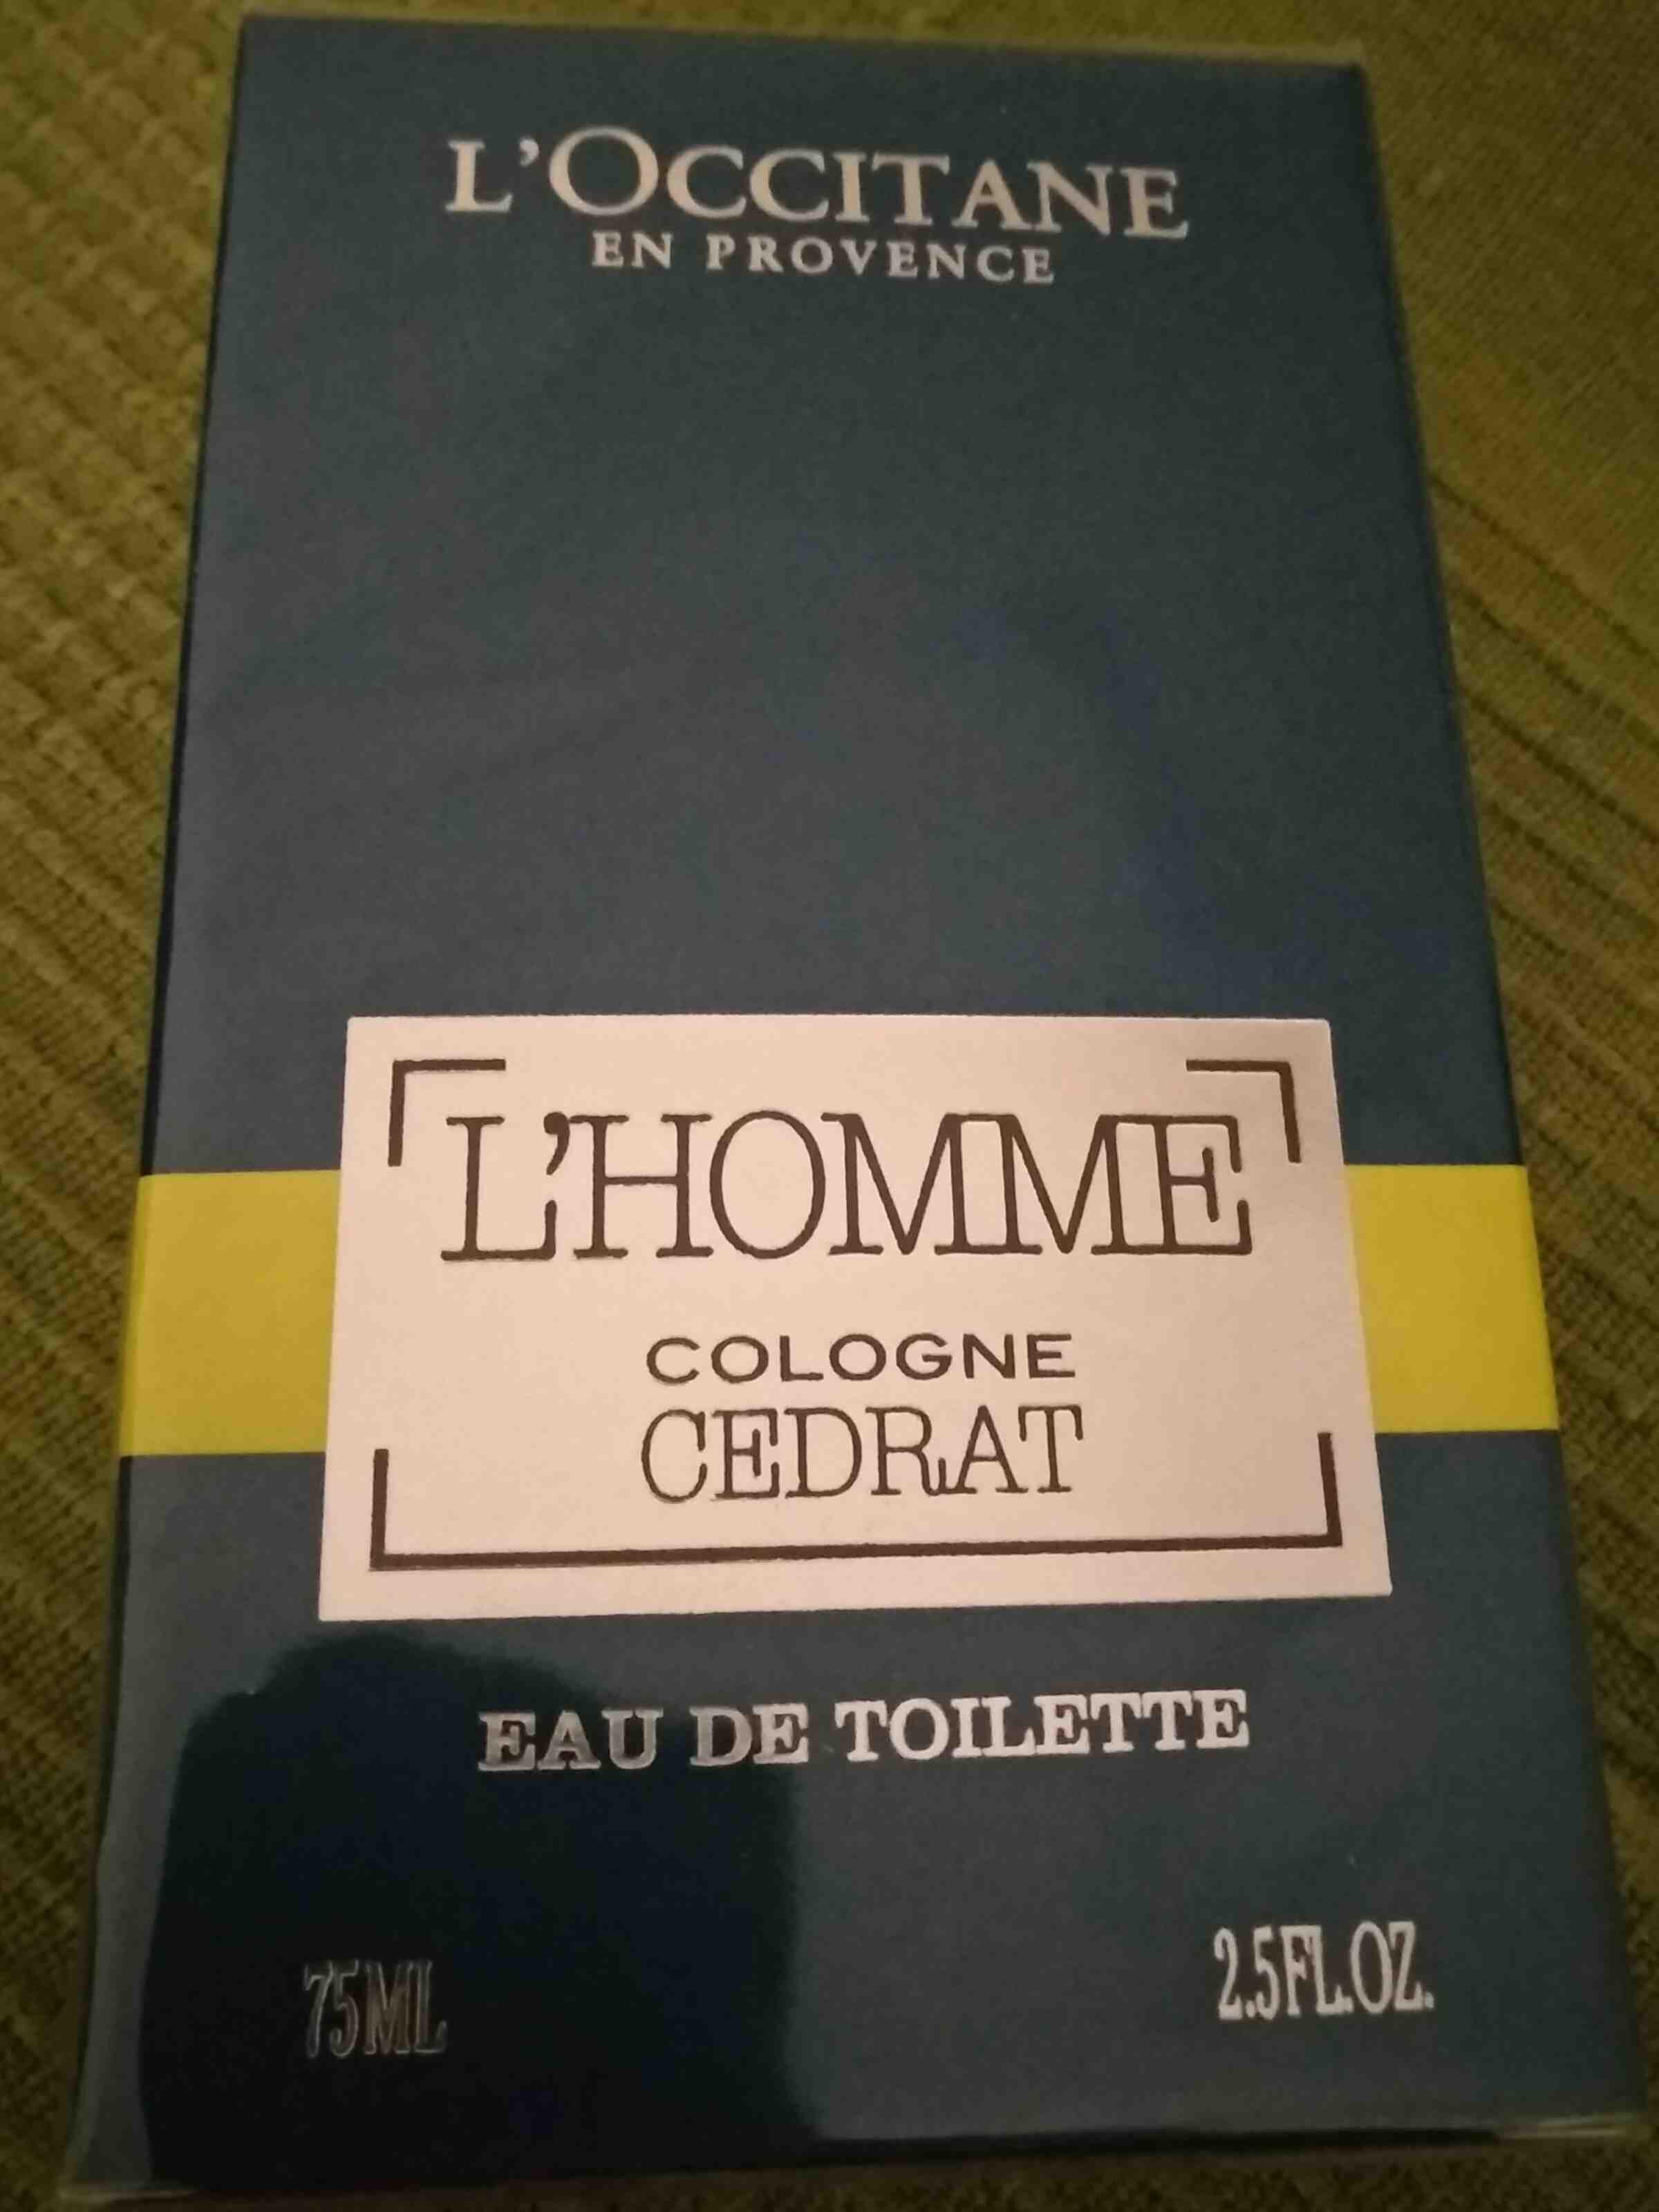 l'occitane l'homme Cologne - Produit - en